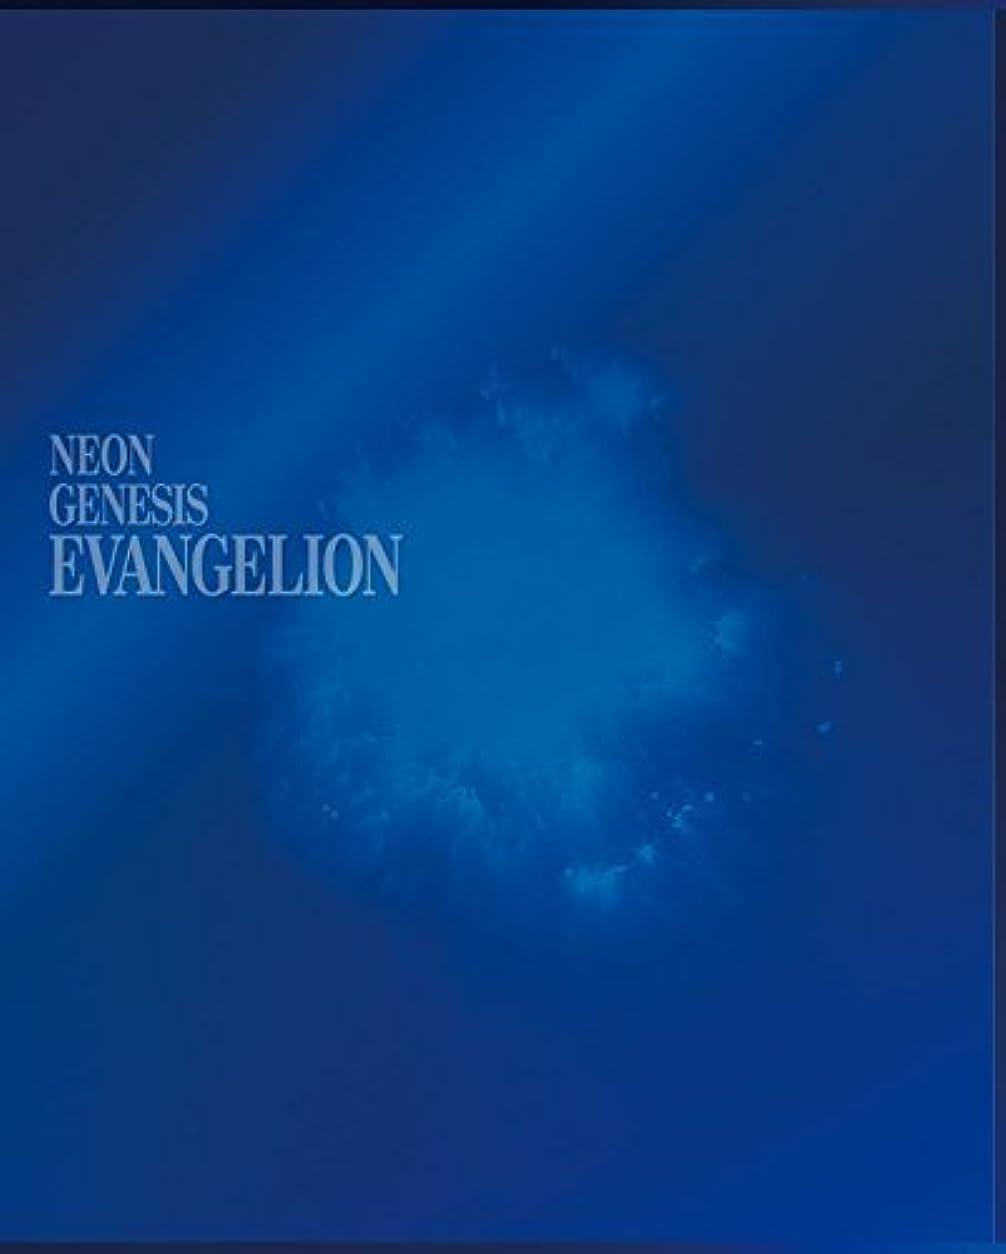 敬感動するエール新世紀エヴァンゲリオン NEON GENESIS EVANGELION Blu-ray BOX